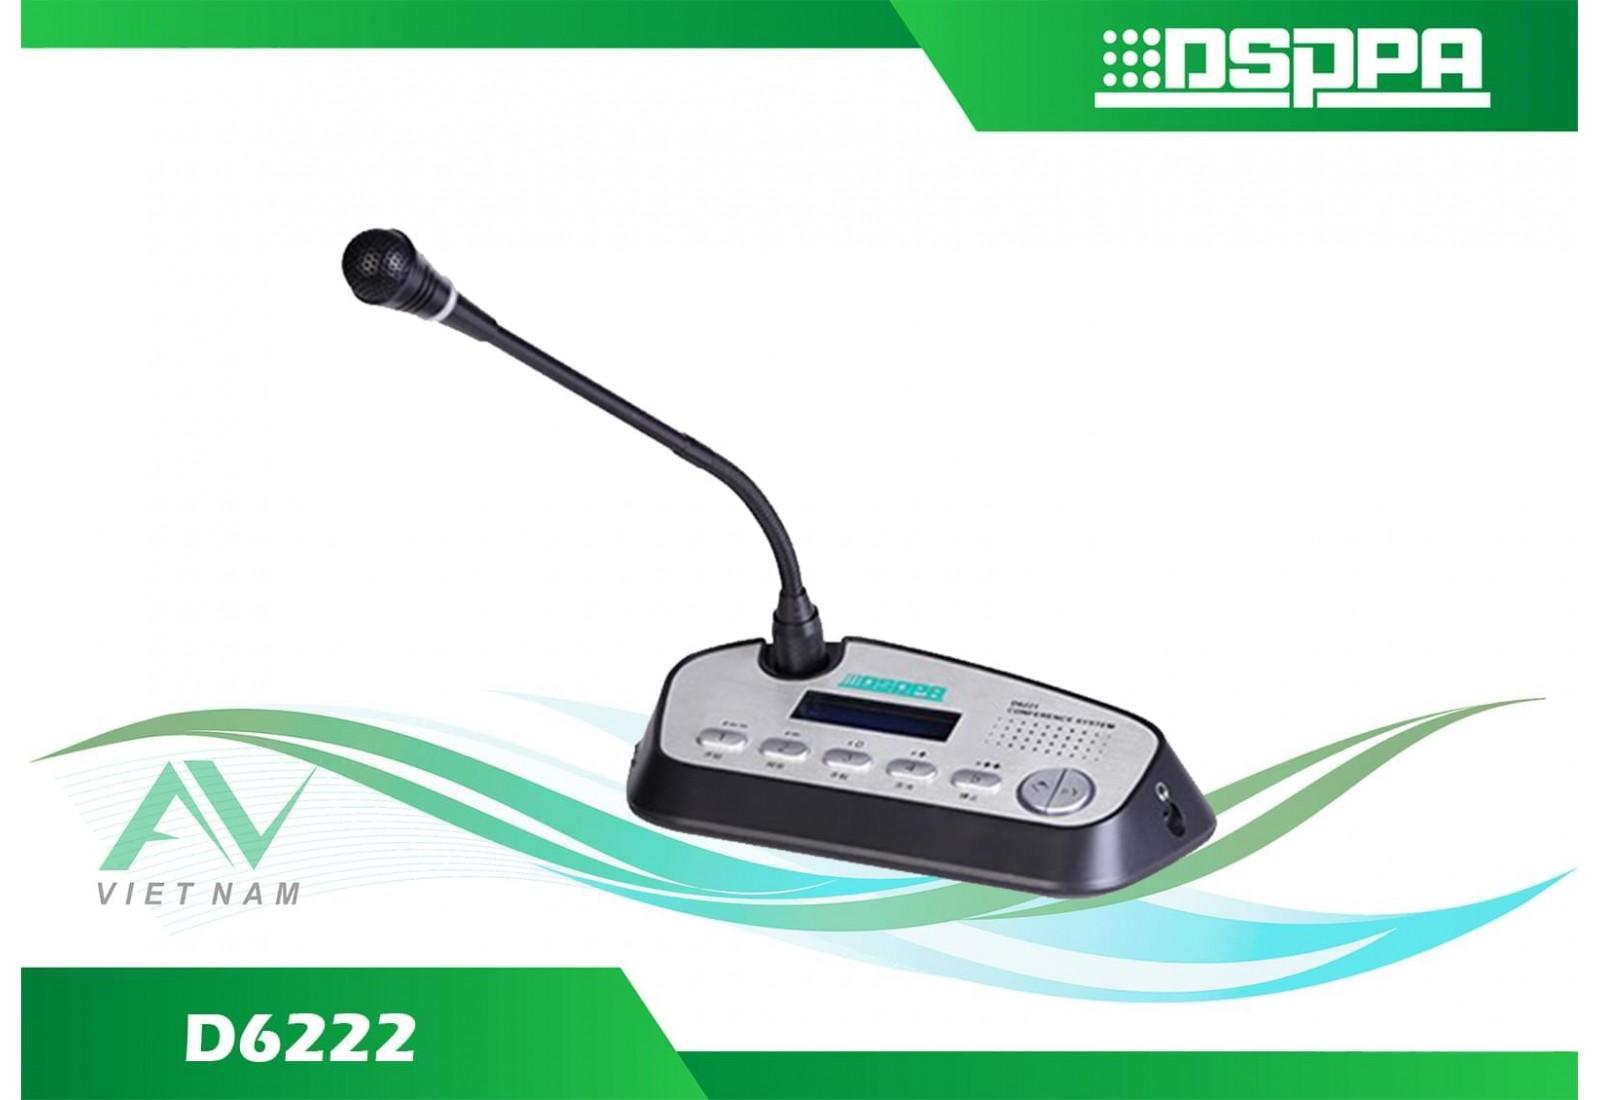 DSPPA D6222 - Micro đại biểu có dây tích hợp chức năng bỏ phiếu